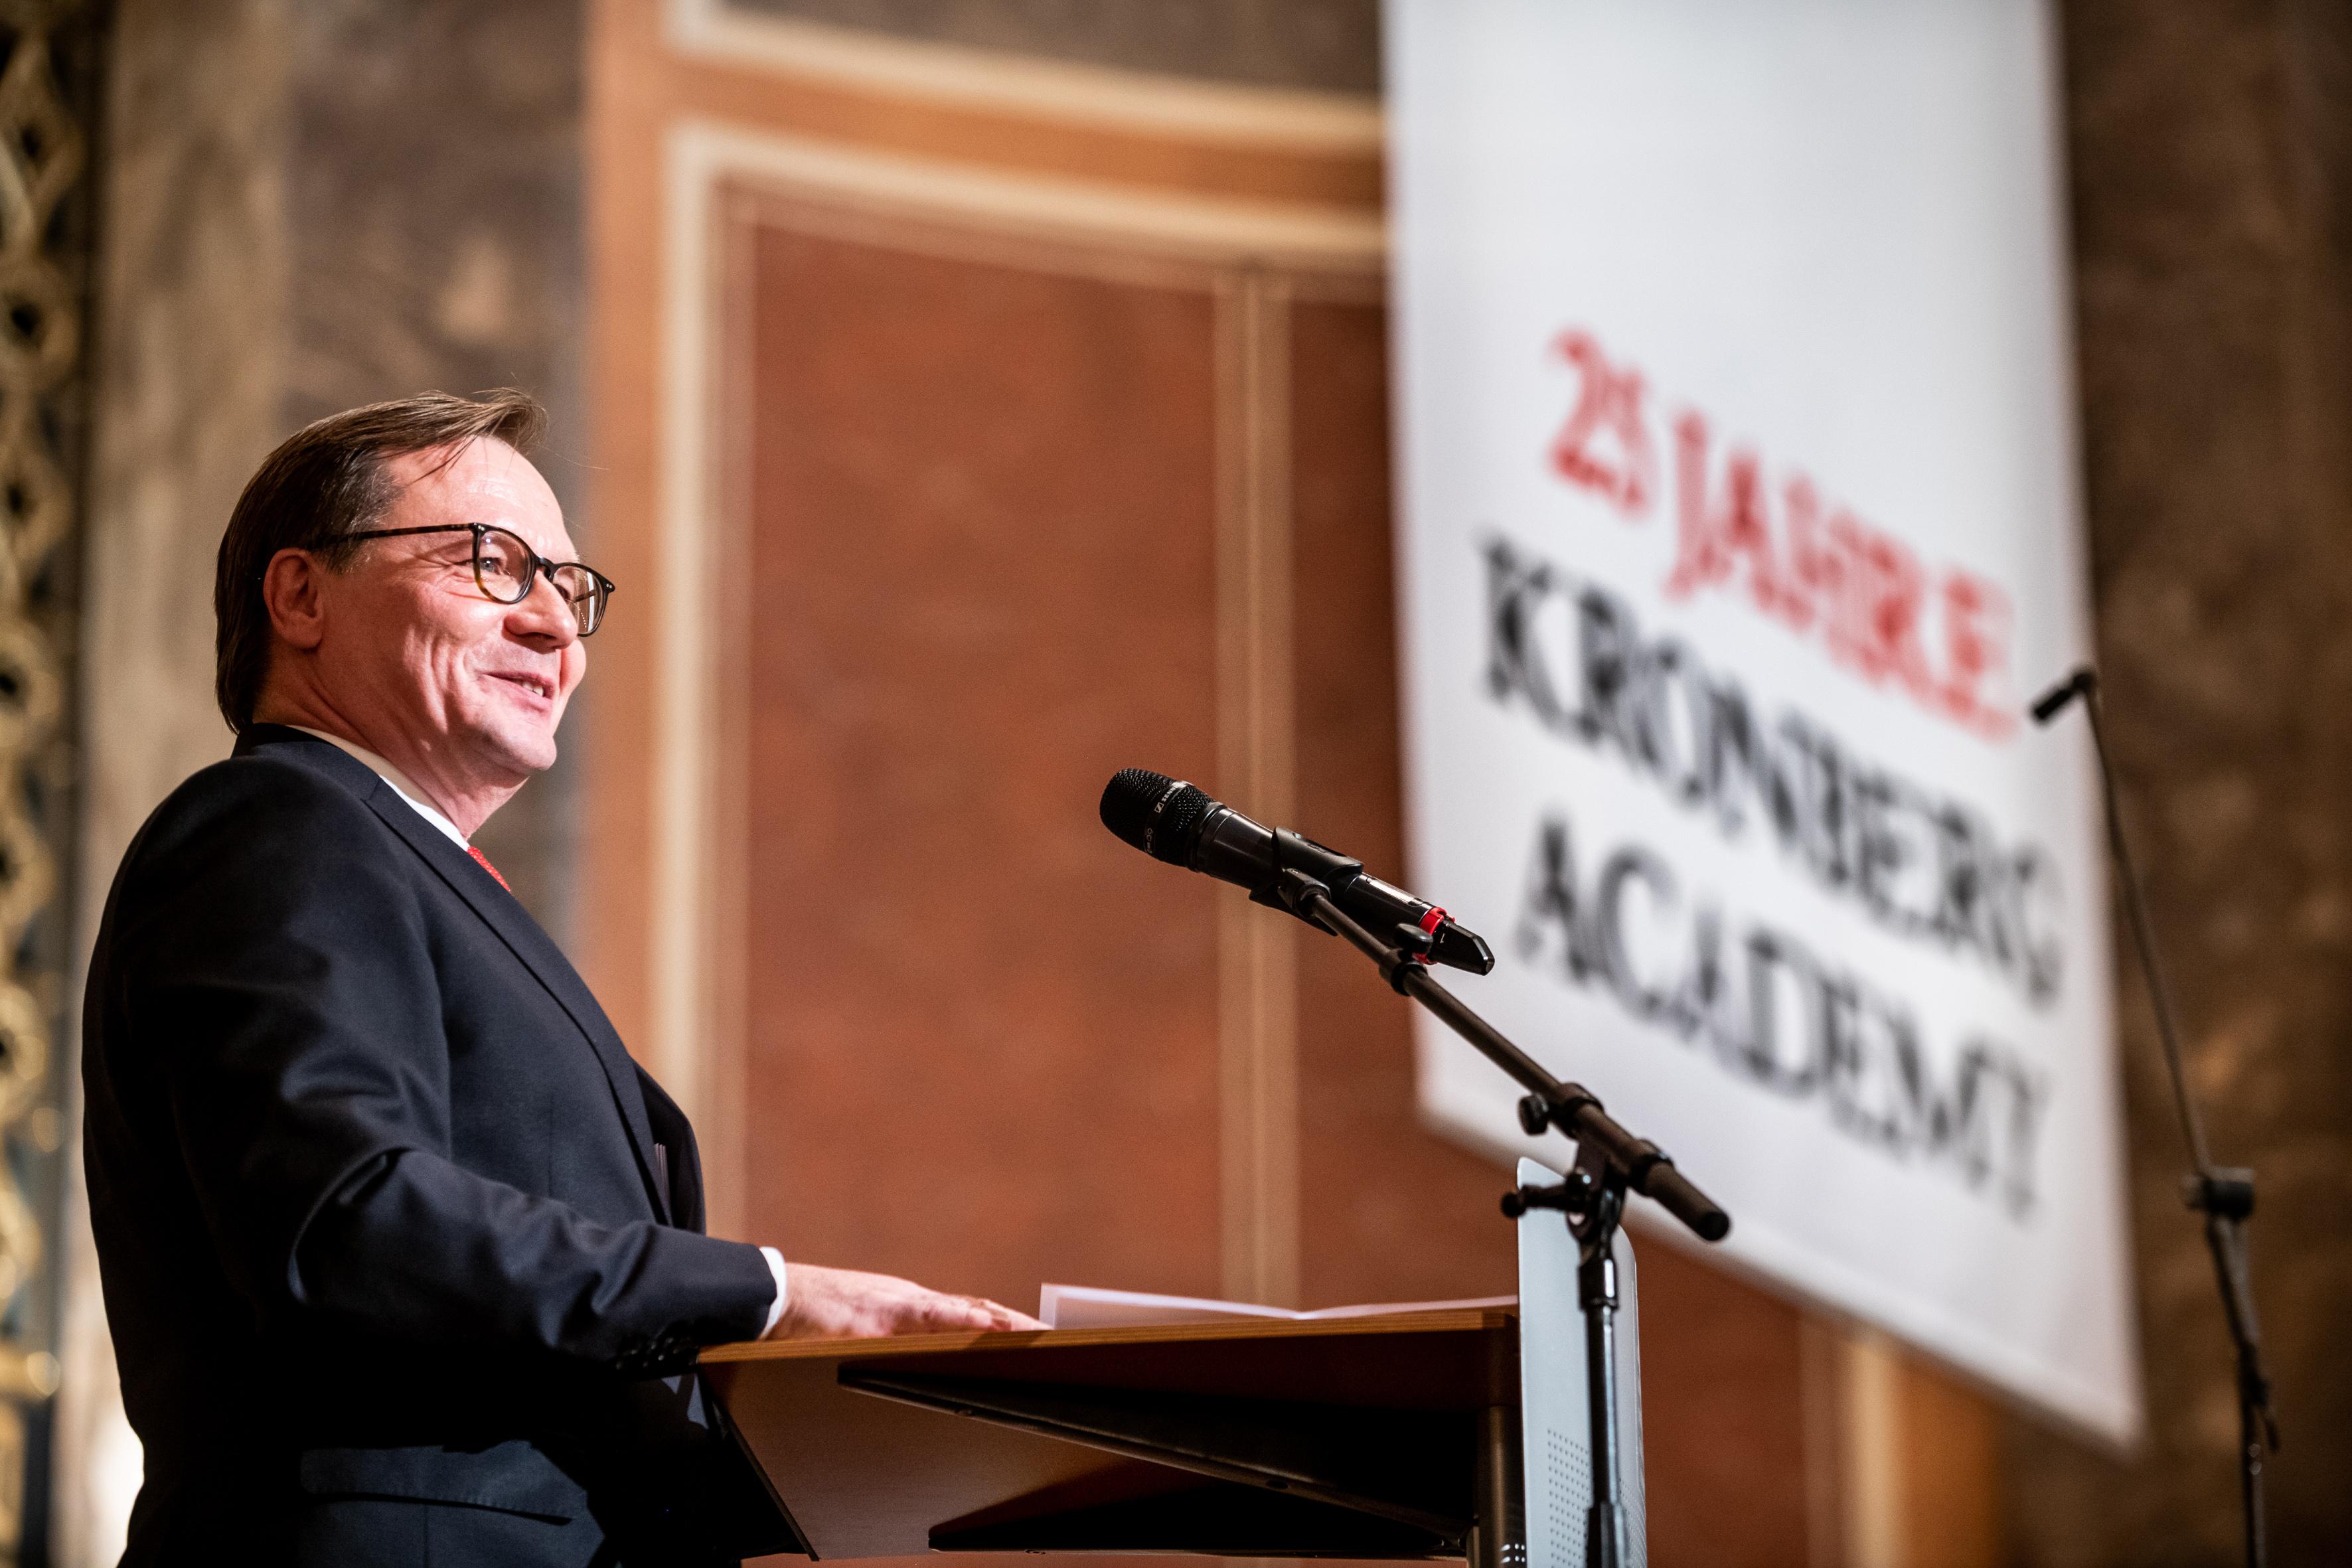 25 Jahre Kronberg Academy, Jubiläumskonzert. Rede des Academy-Gründers Raimund Trenkler